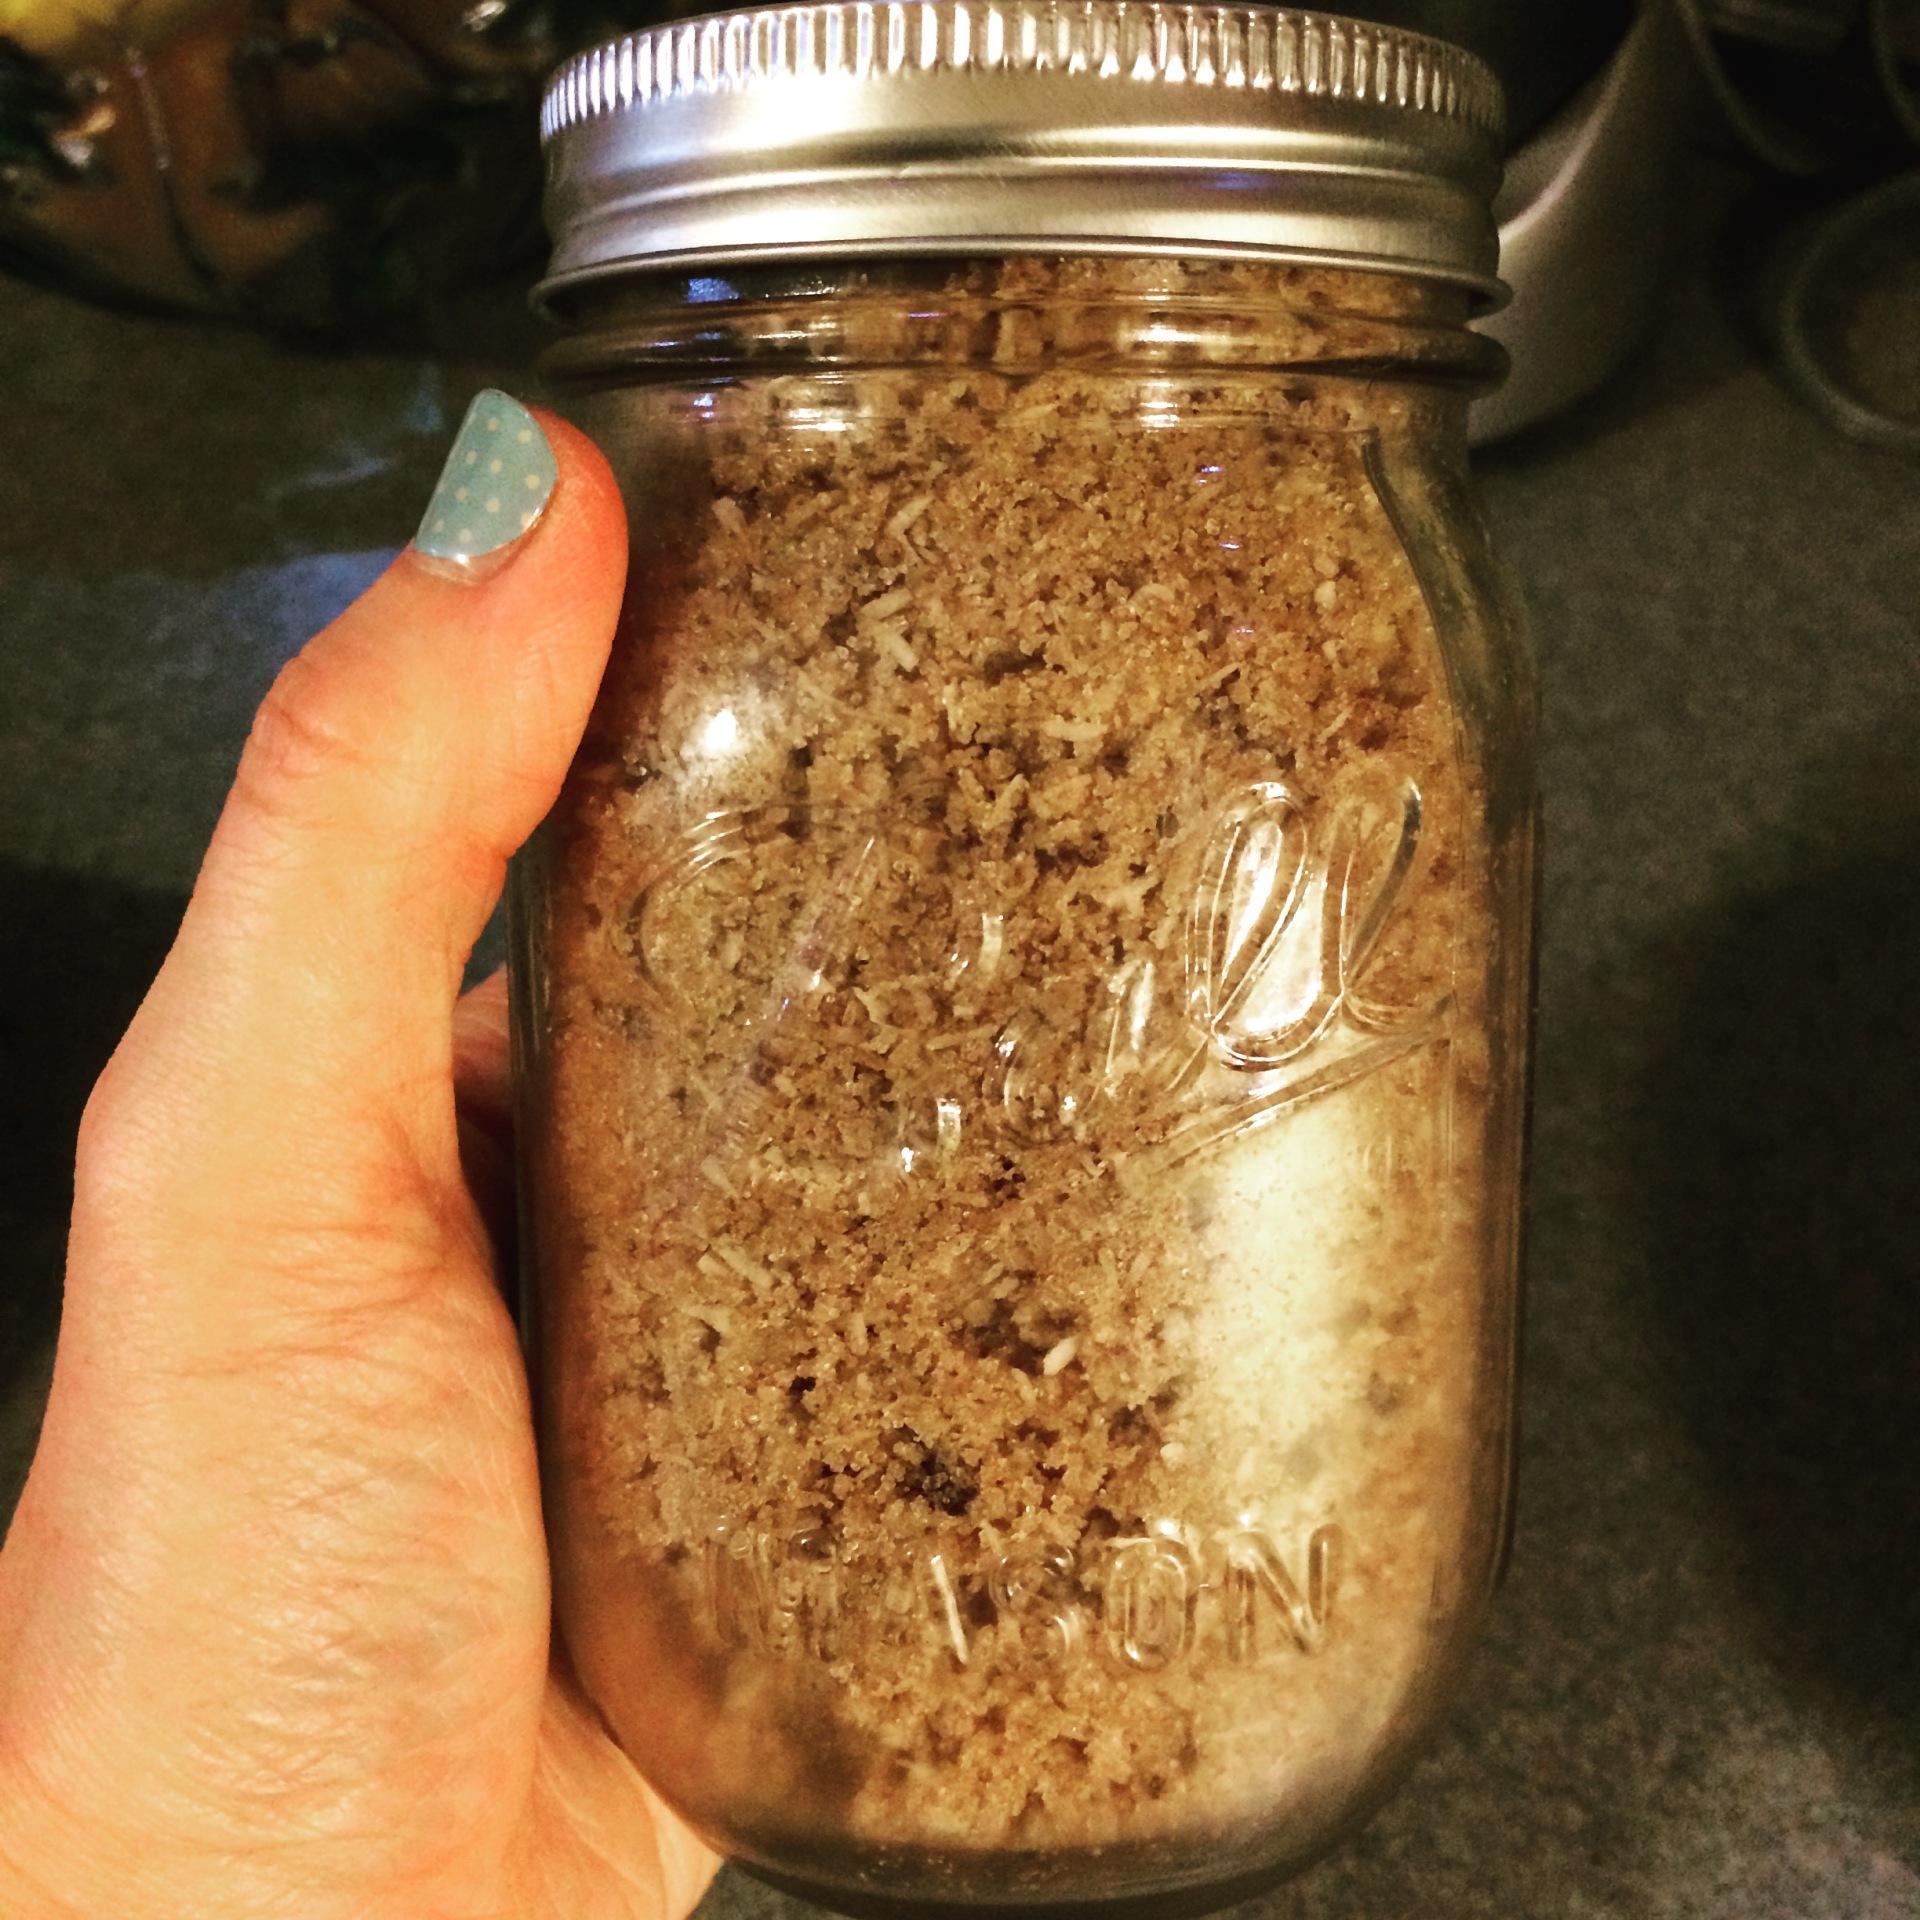 New Body Scrub Recipe!  Coconut-Chocolate Body Scrub